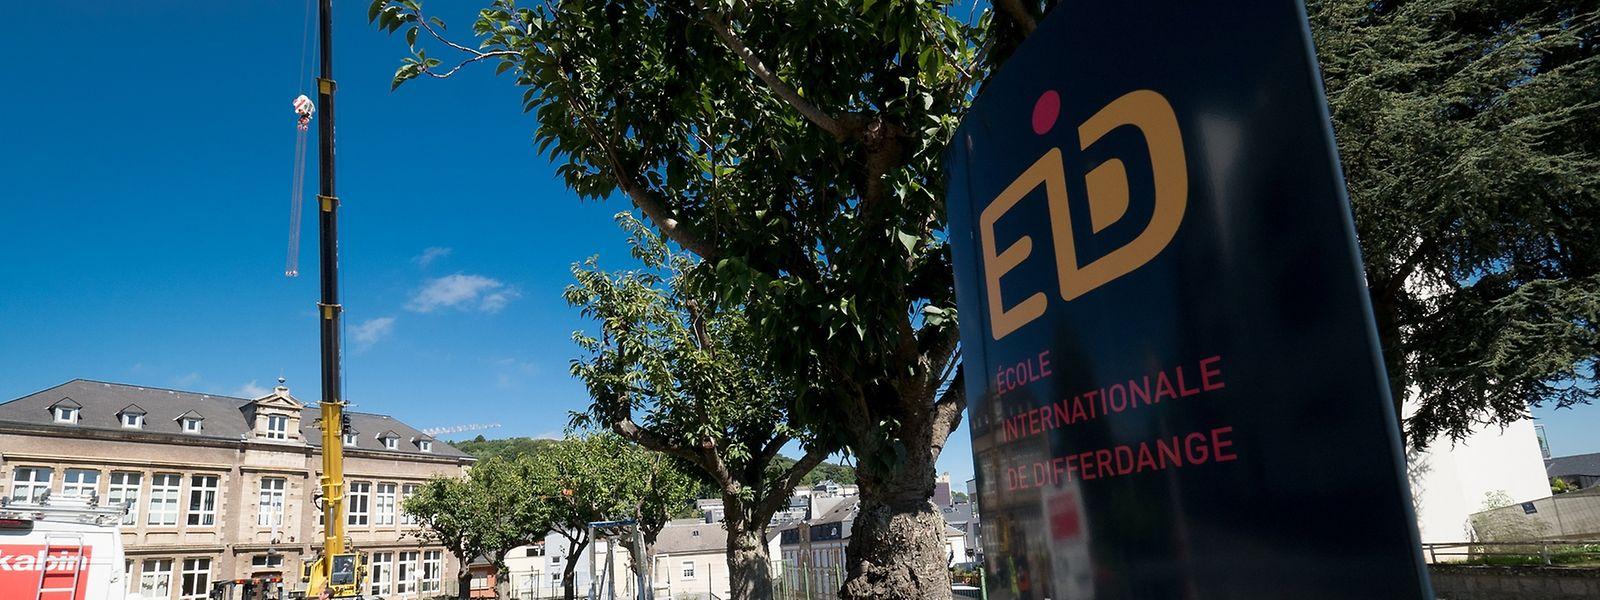 Os portugueses são a segunda nacionalidade mais representada na nova escola, com 25 alunos entre os 110 inscritos. Apesar disso, por falta de interesse na língua portuguesa, a escola arranca sem aulas de português no primário